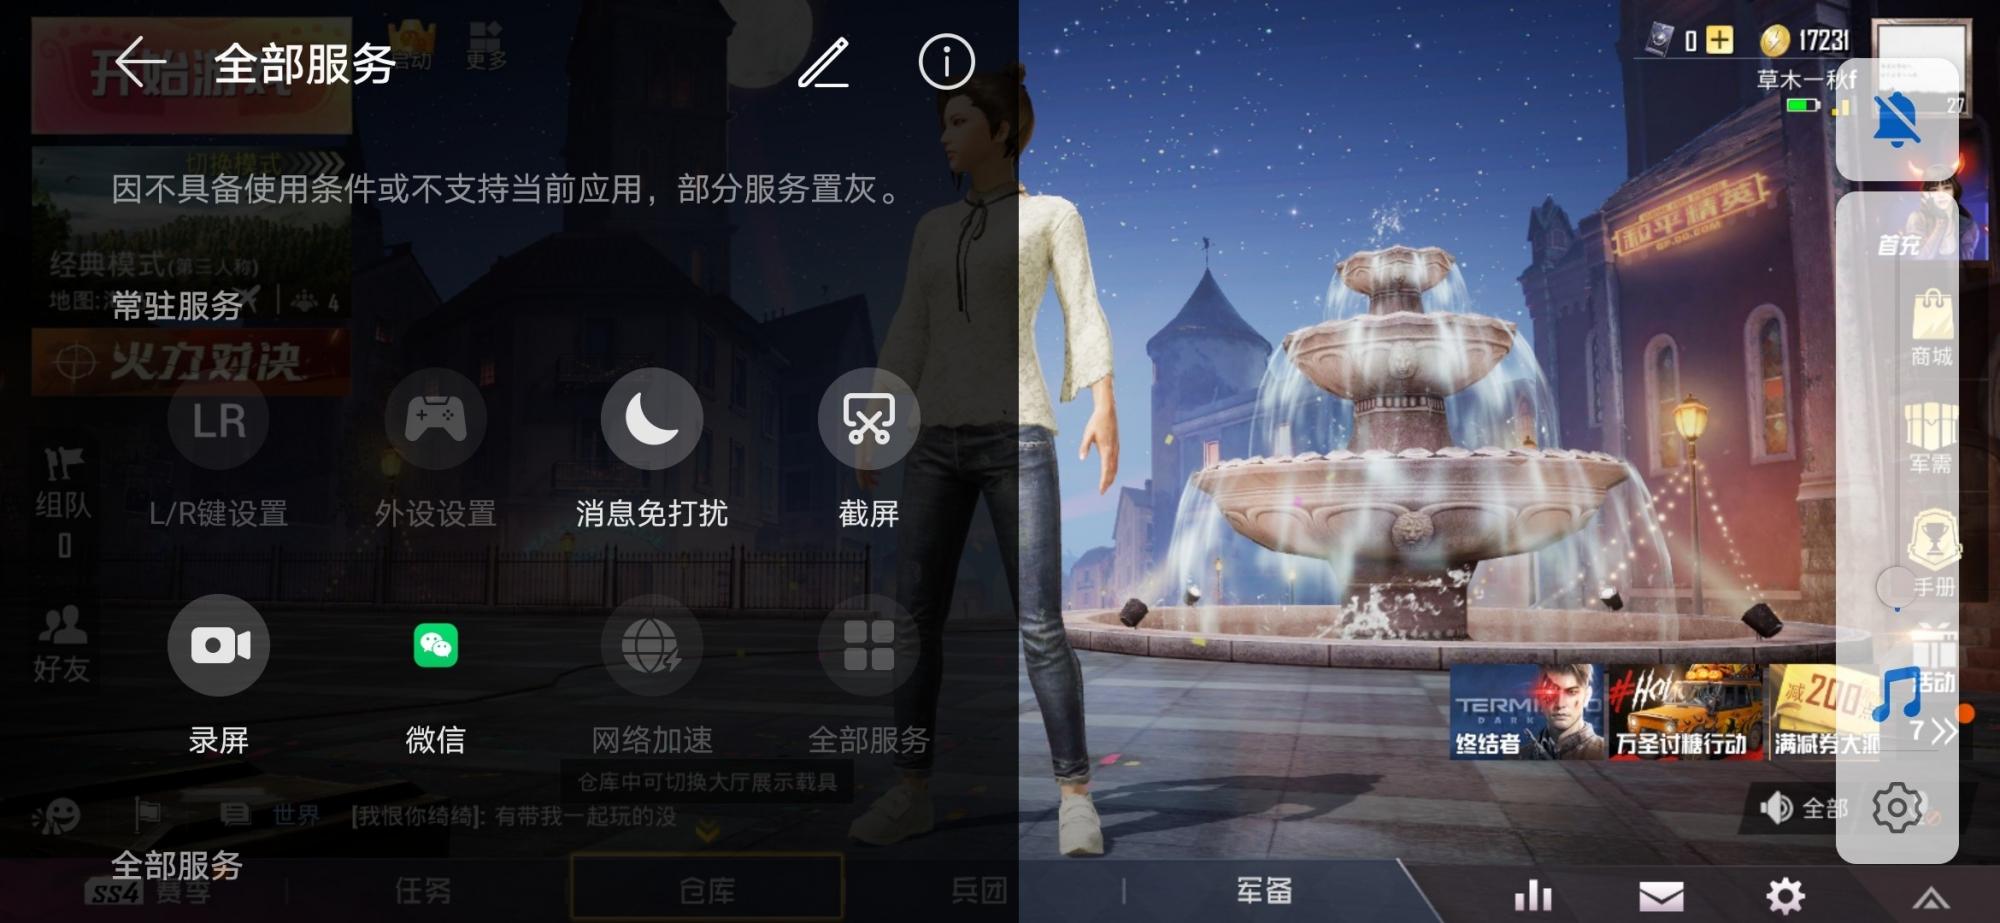 Screenshot_20191110_165741_com.tencent.tmgp.pubgmhd.jpg